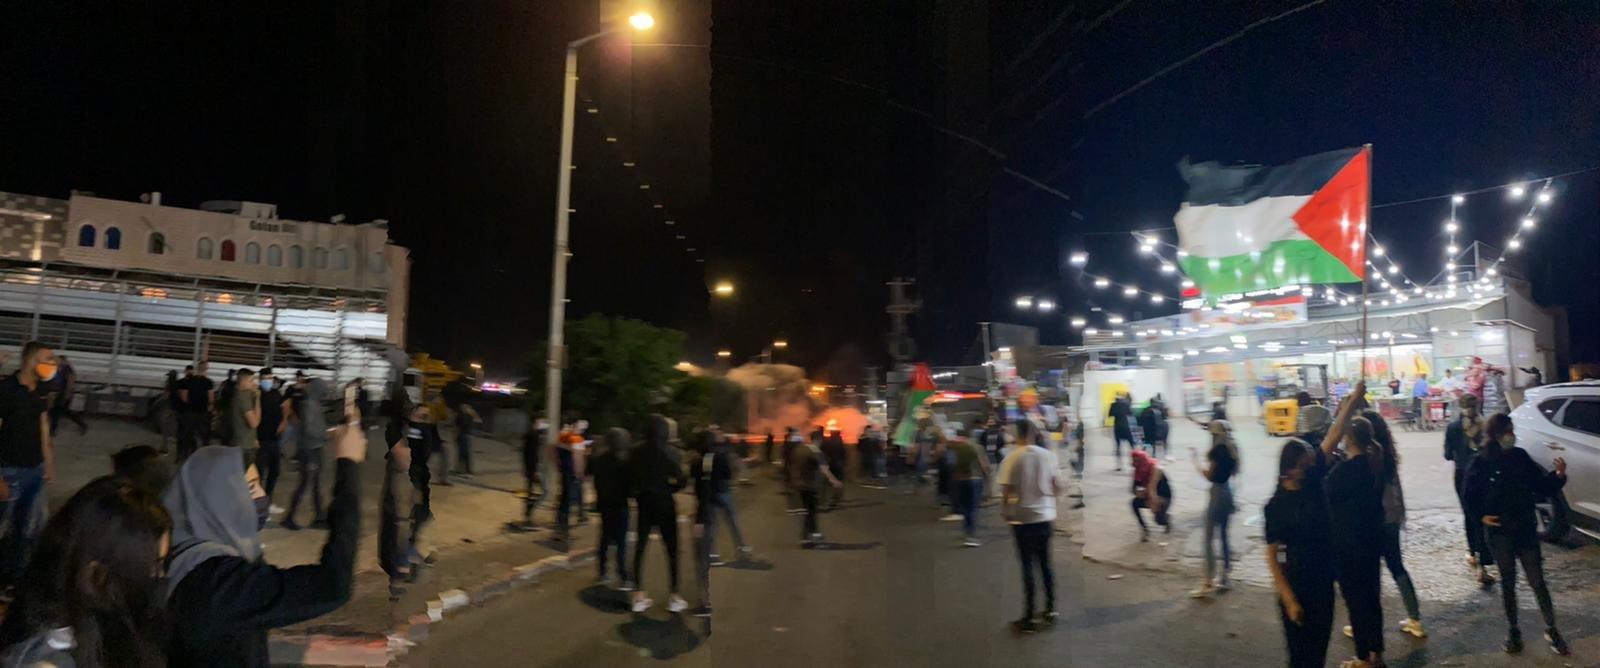 تابعوا الأخبار من مختلف البلدات: مظاهرات حاشدة، اليكم الملخص والصور-25